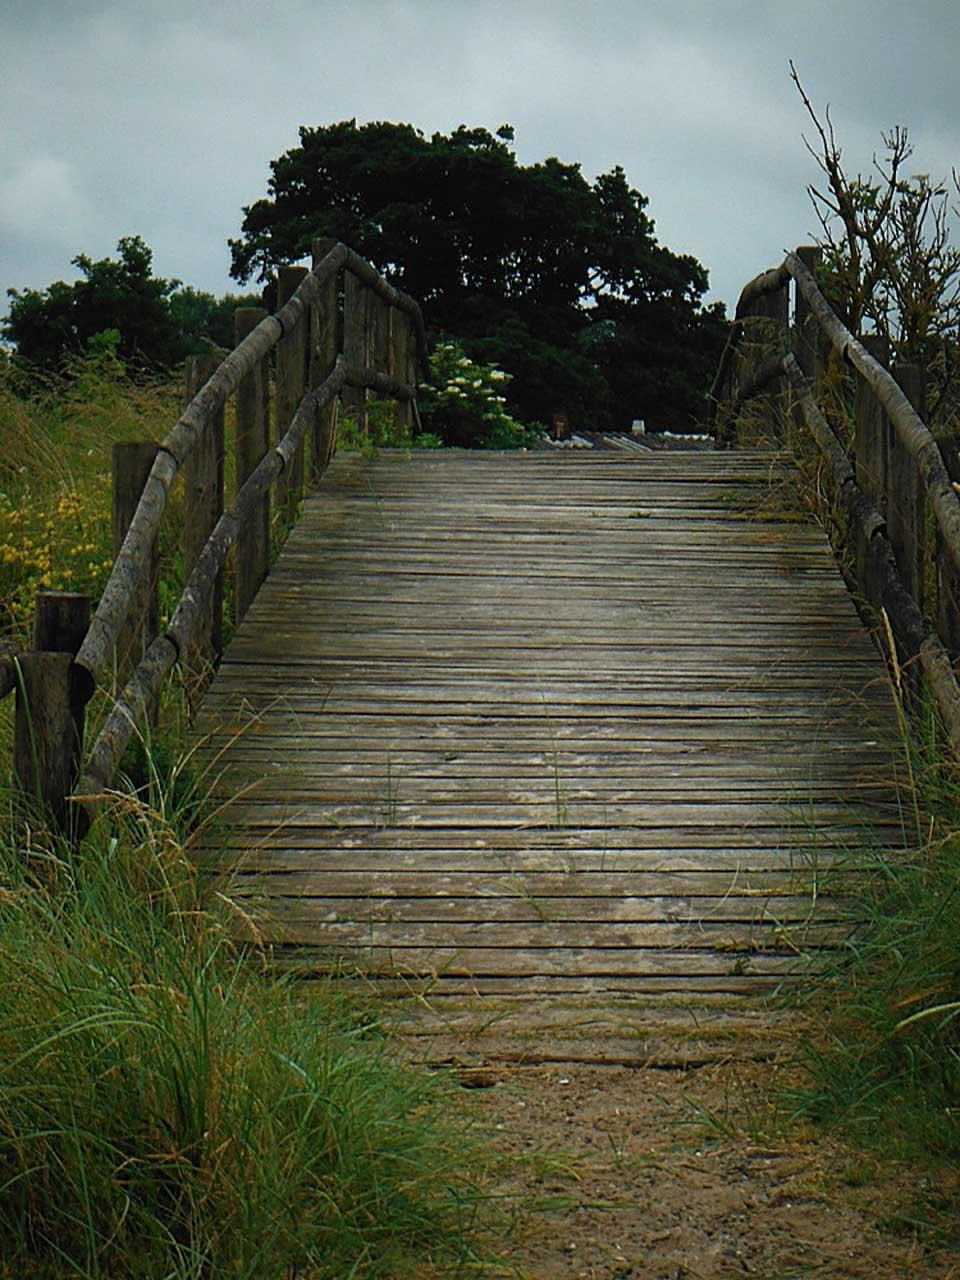 Dünen und Brücke eine alte Holzbrücke